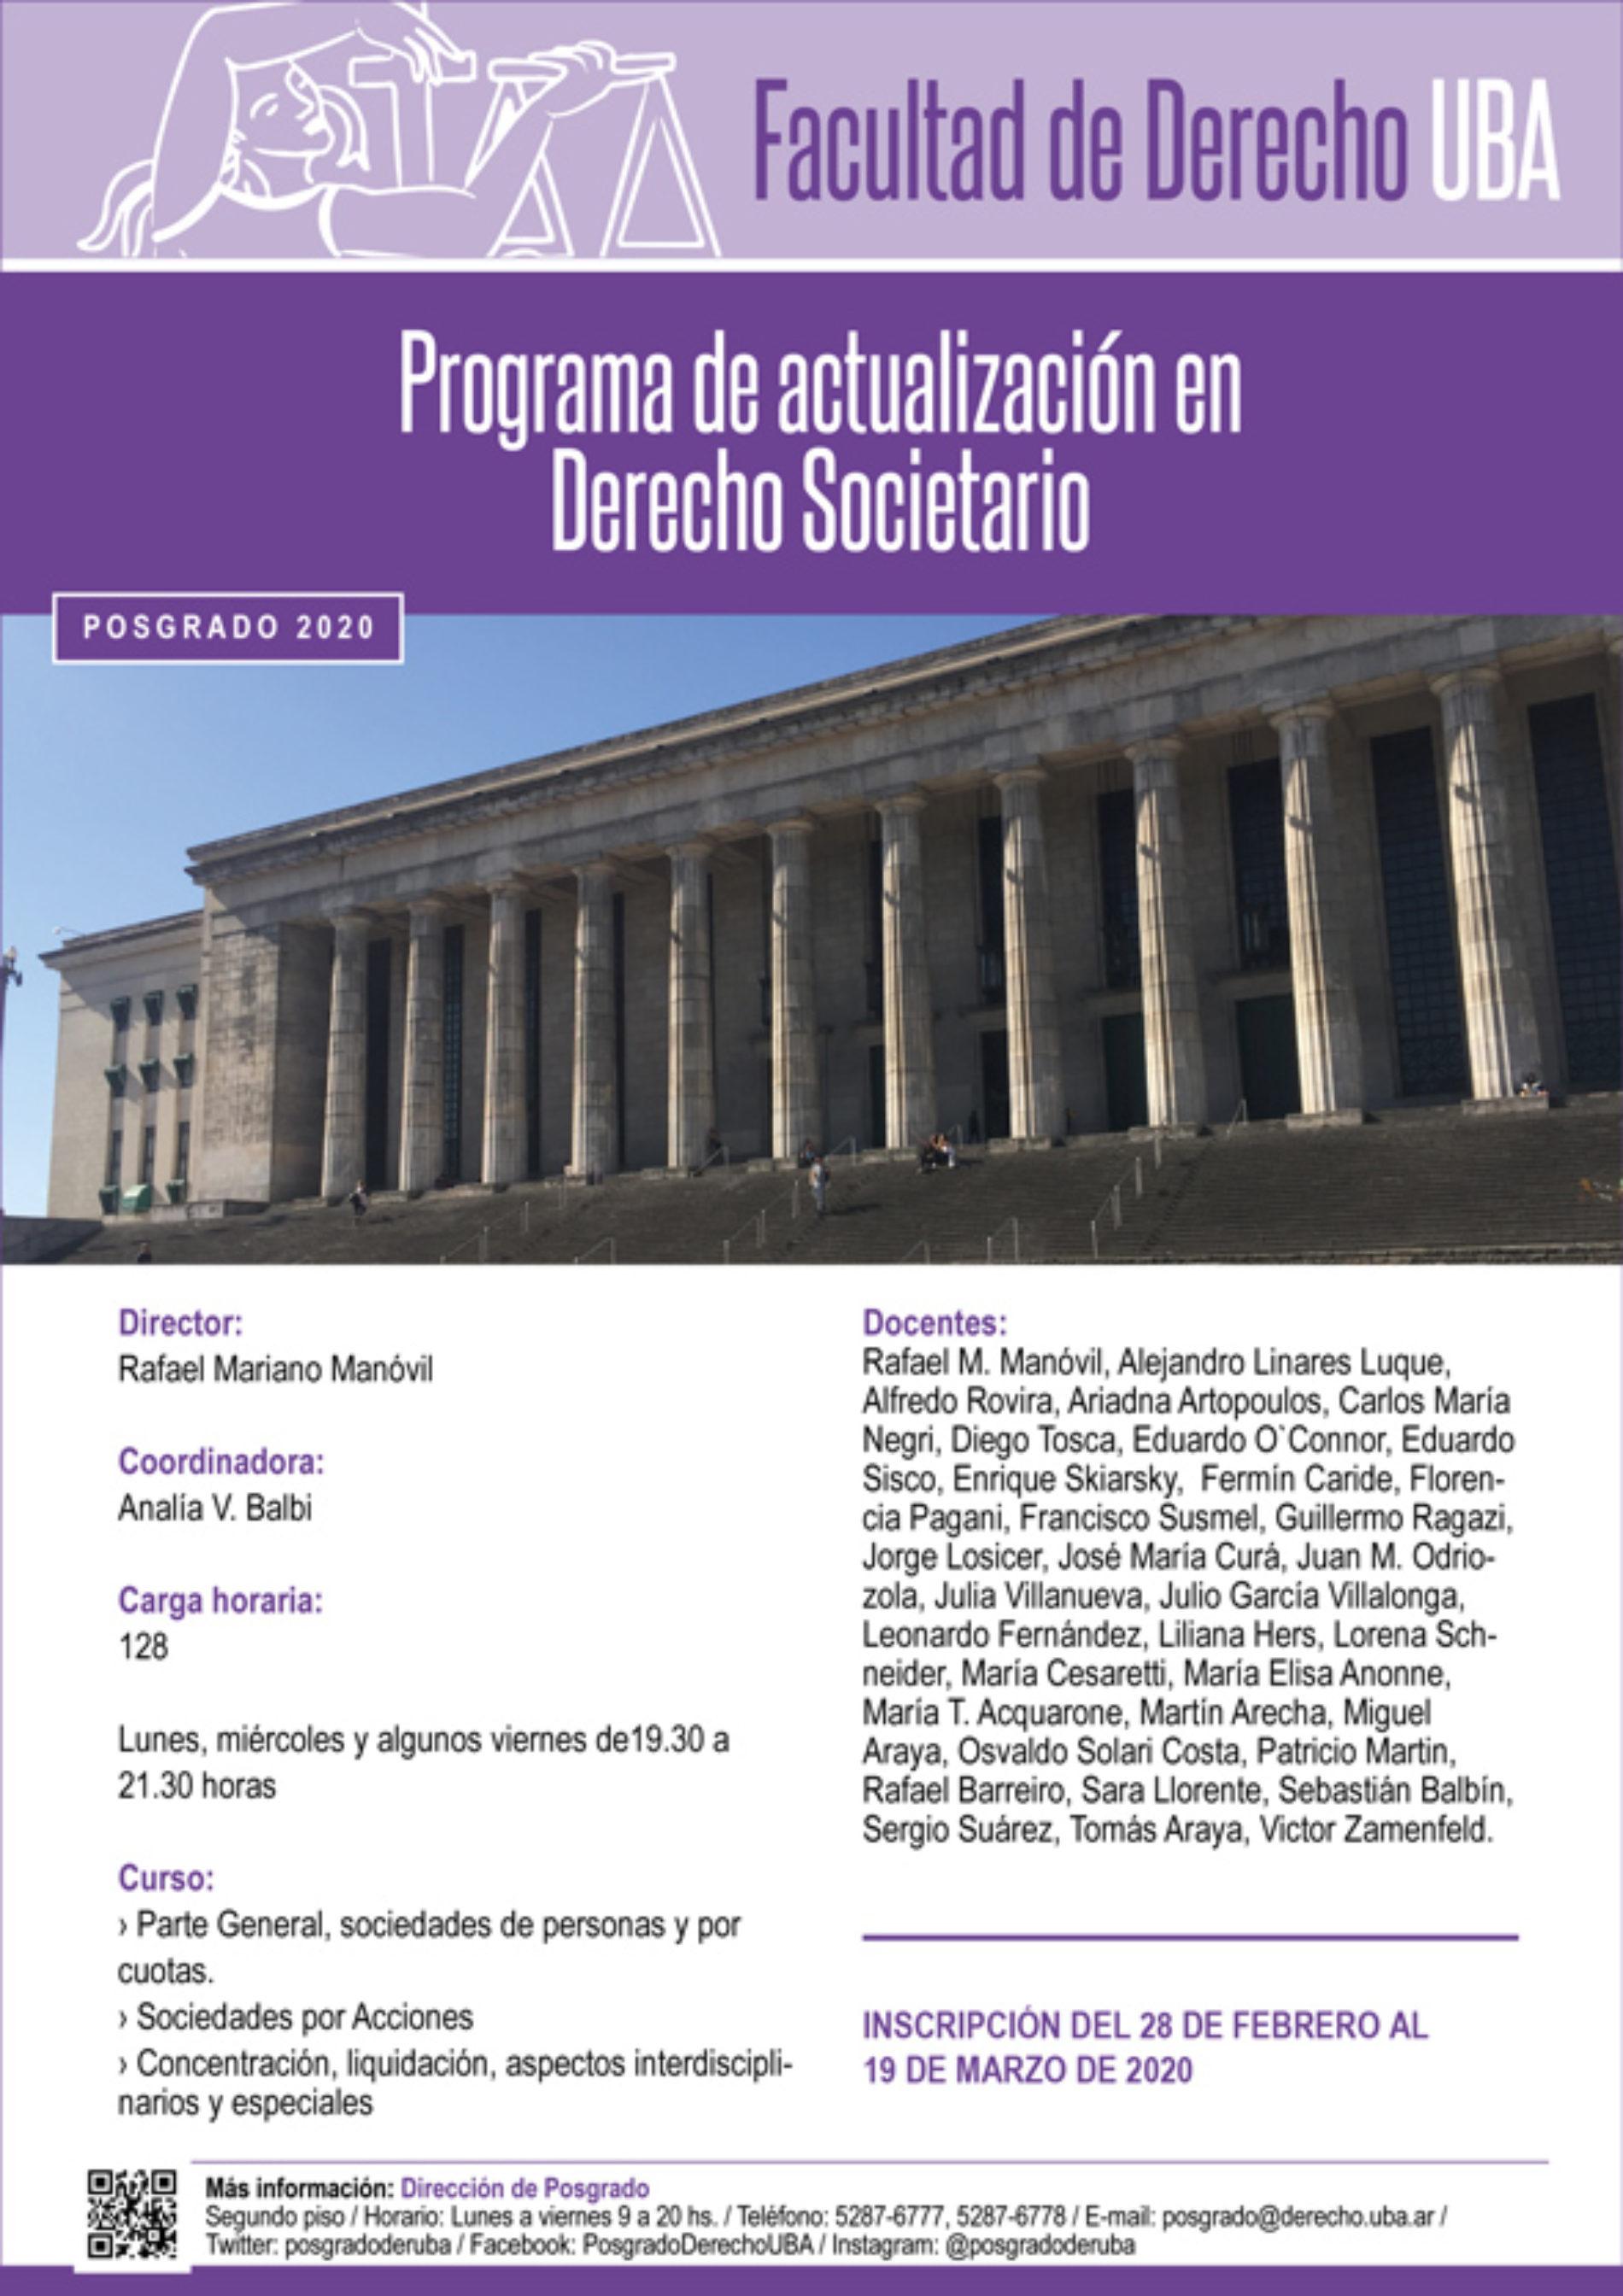 «Programa de actualización en Derecho Societario»